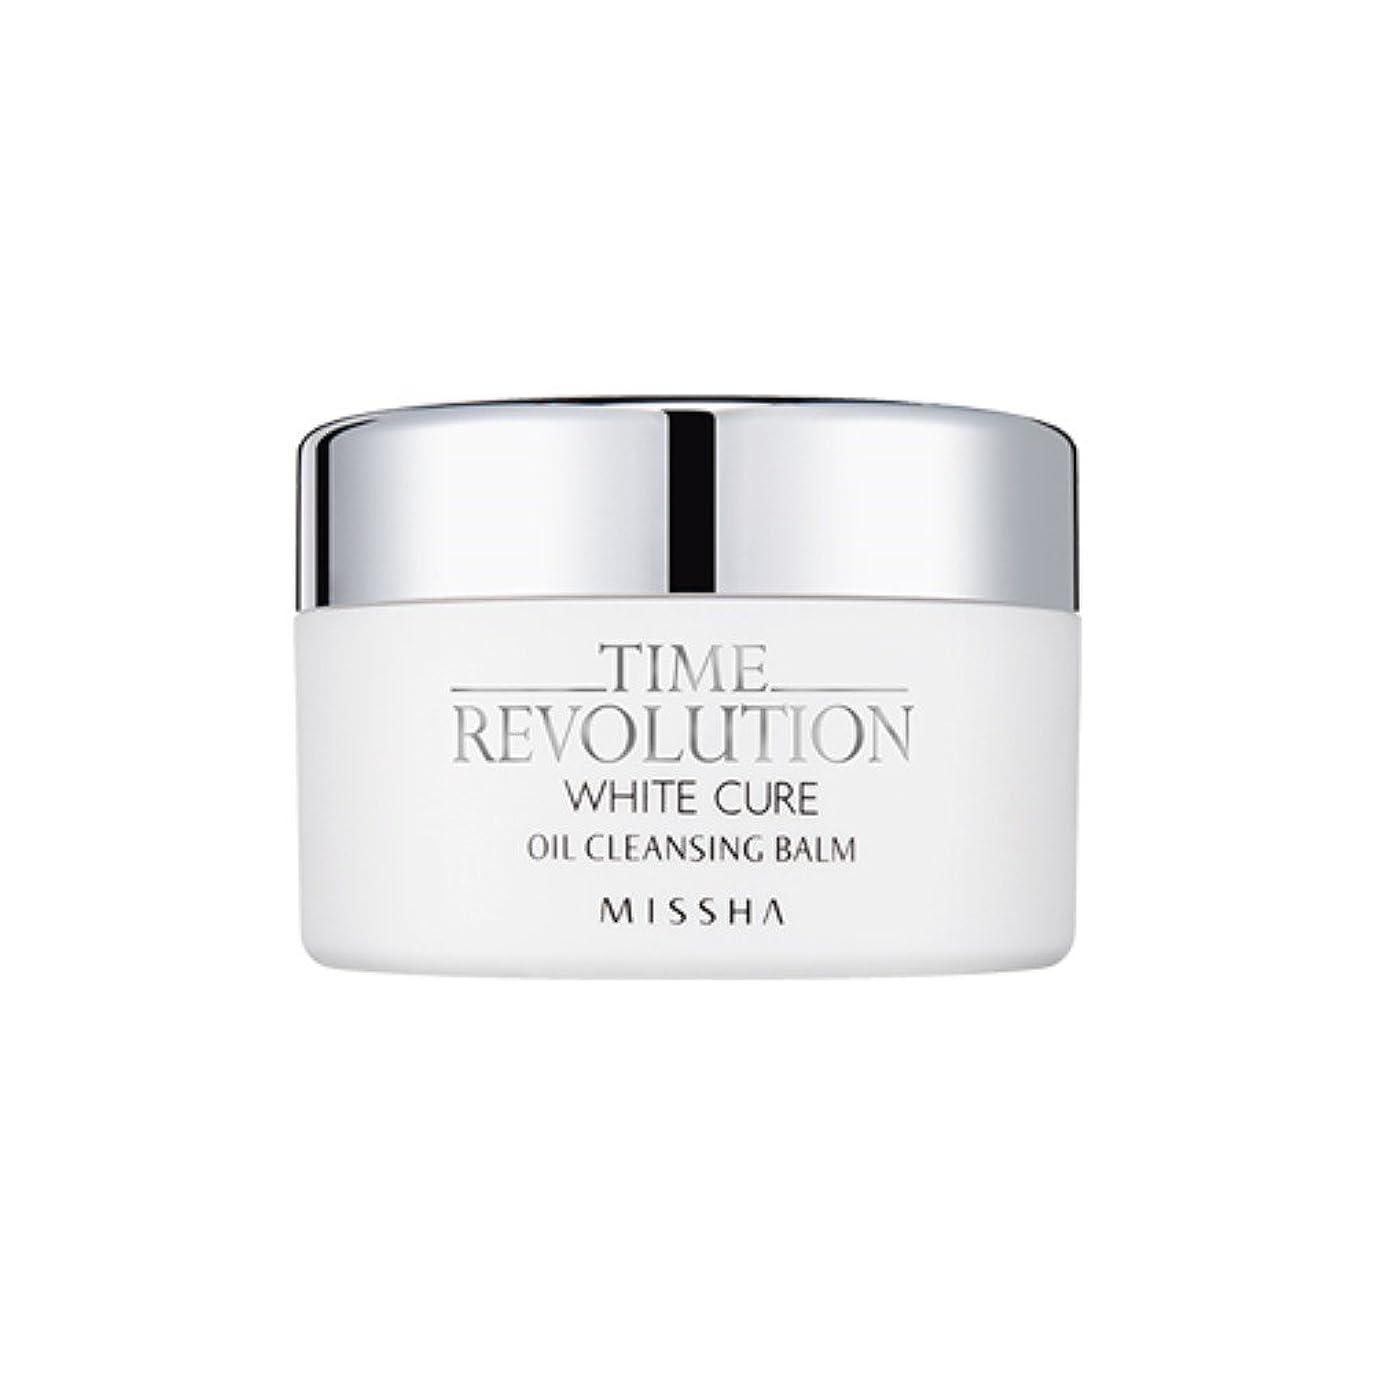 スープラフ鬼ごっこ[New] MISSHA Time Revolution White Cure Oil Cleansing Balm 105g/ミシャ タイムレボリューション ホワイト キュア オイル クレンジング バーム 105g